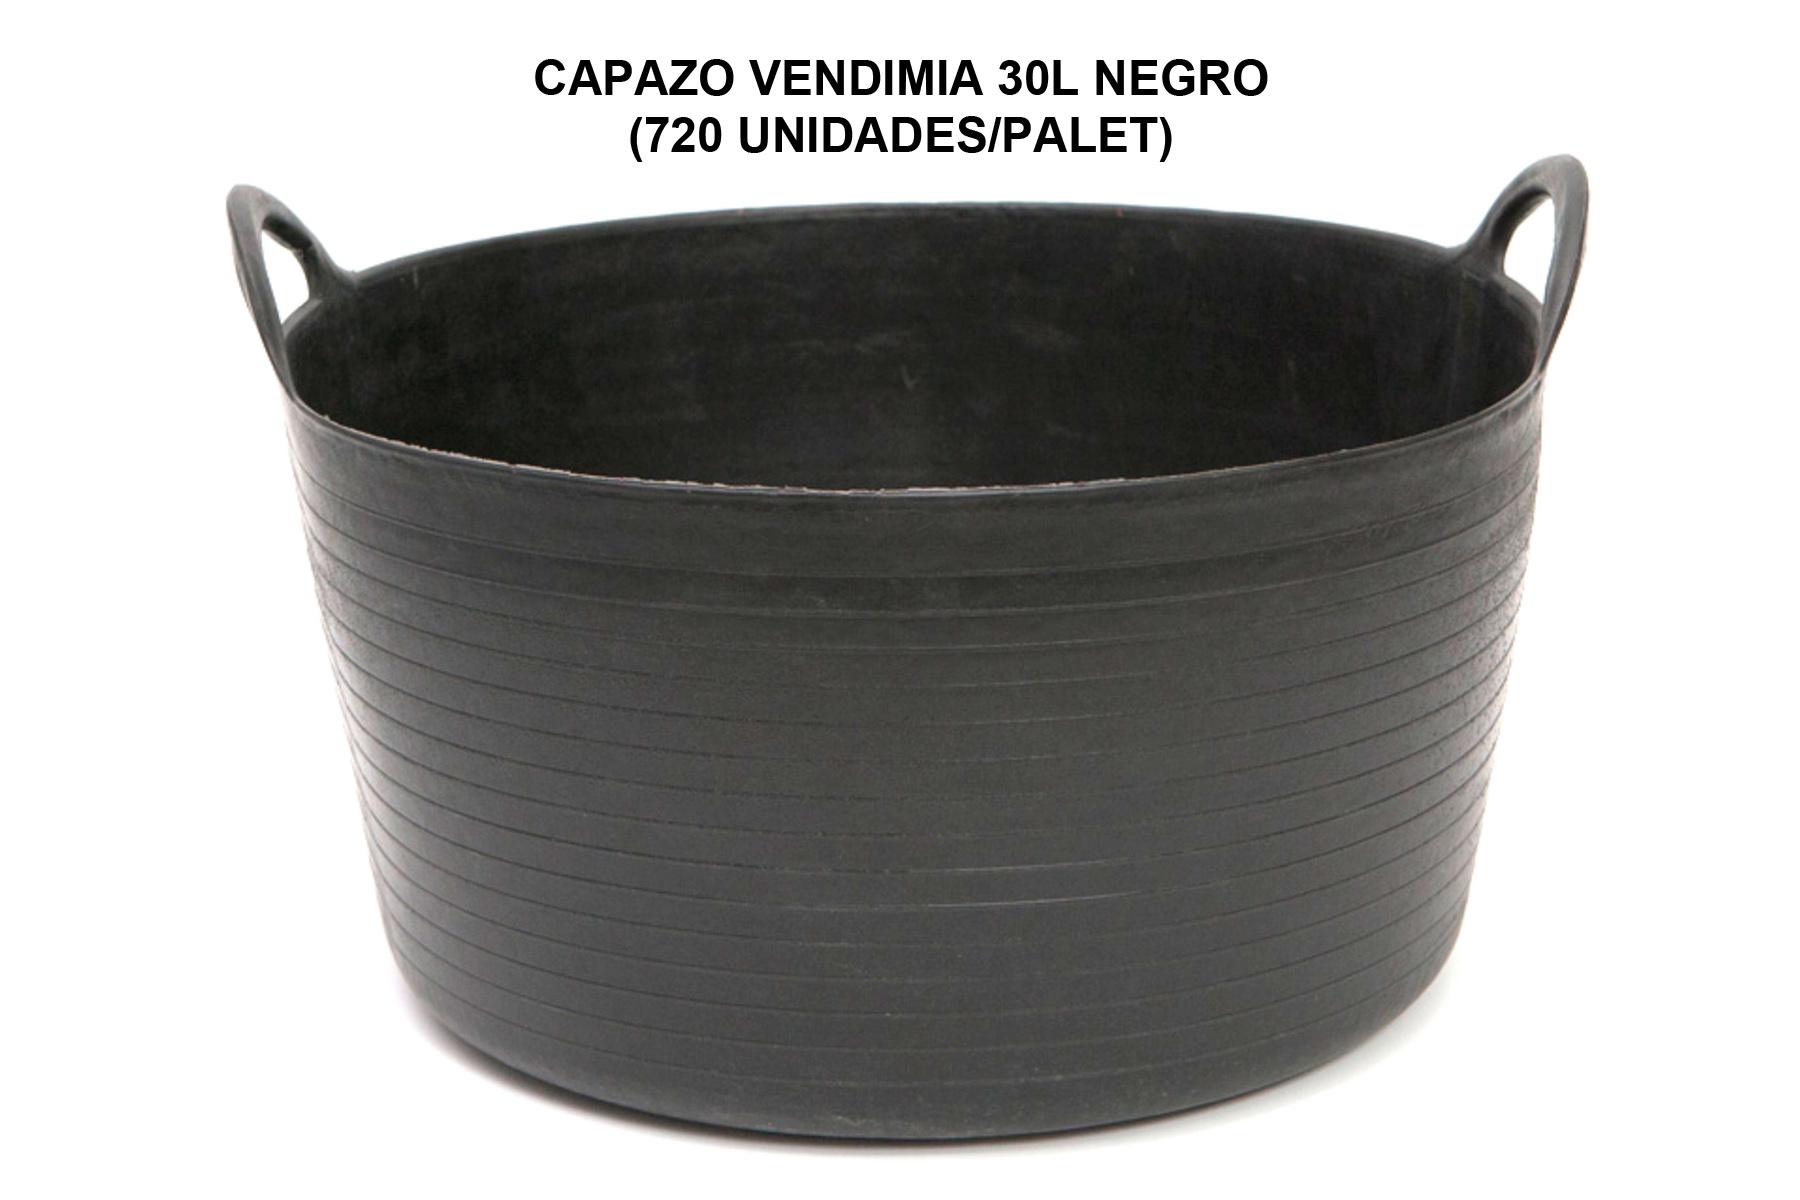 CAPAZO VENDIMIA 30L NEGRO